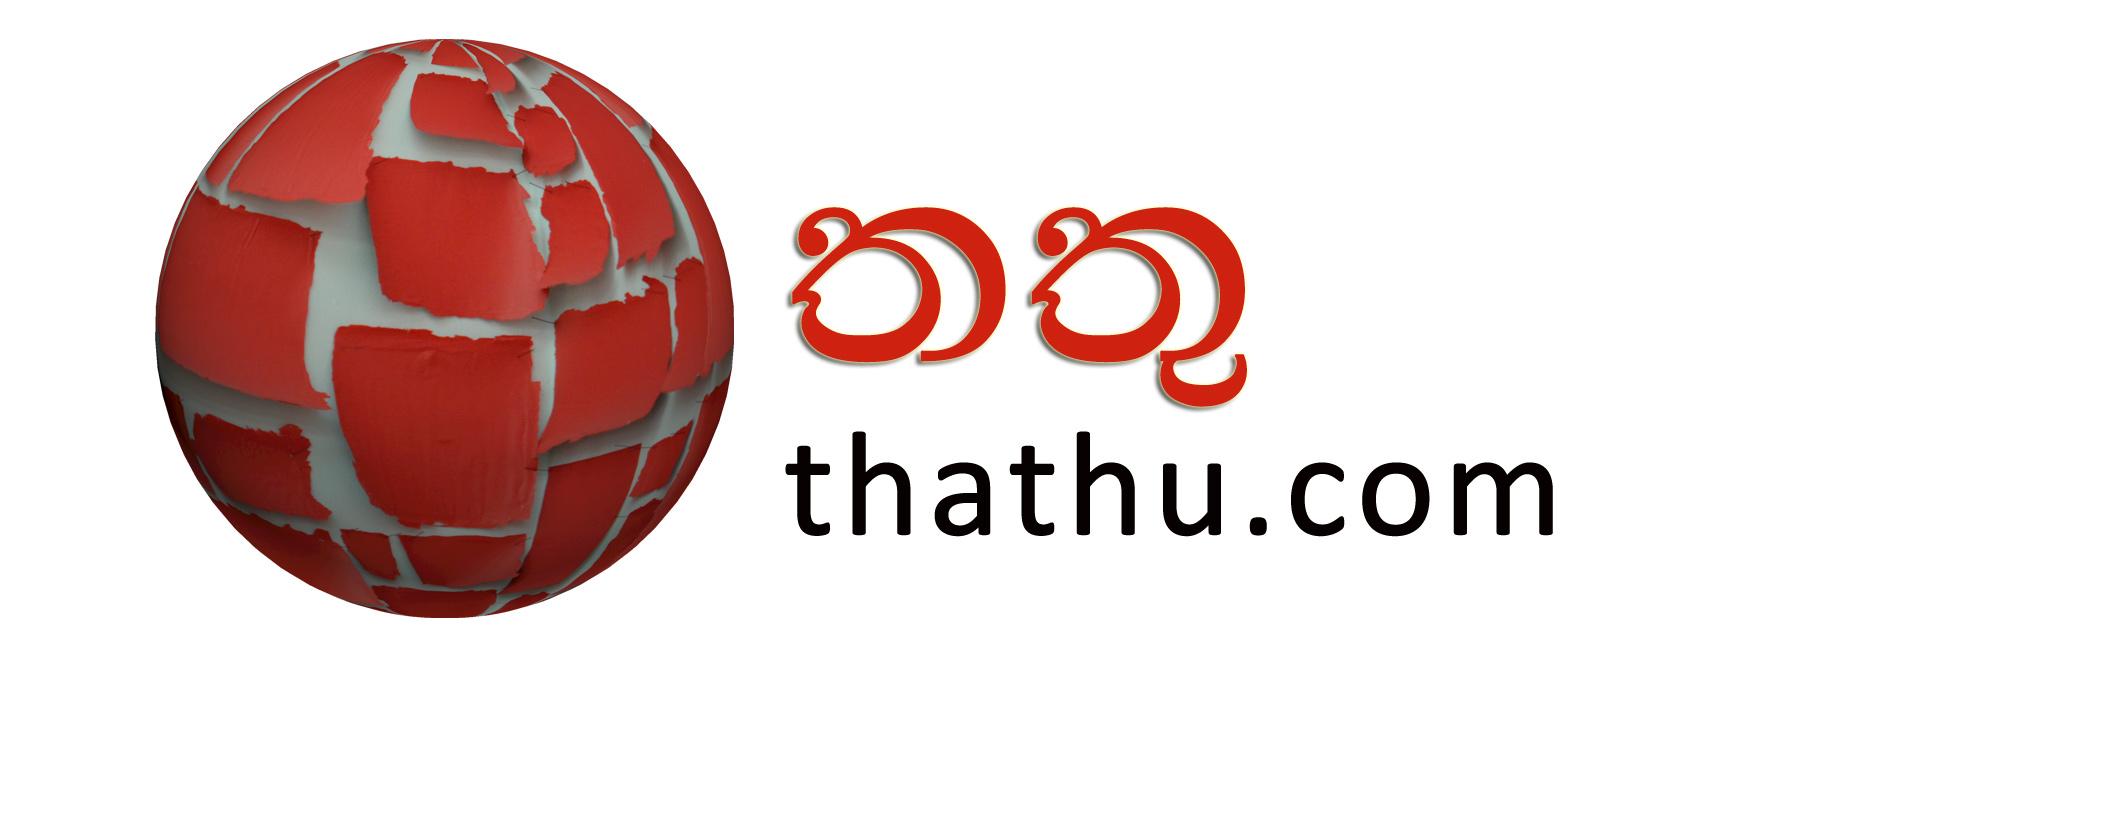 thathu.com